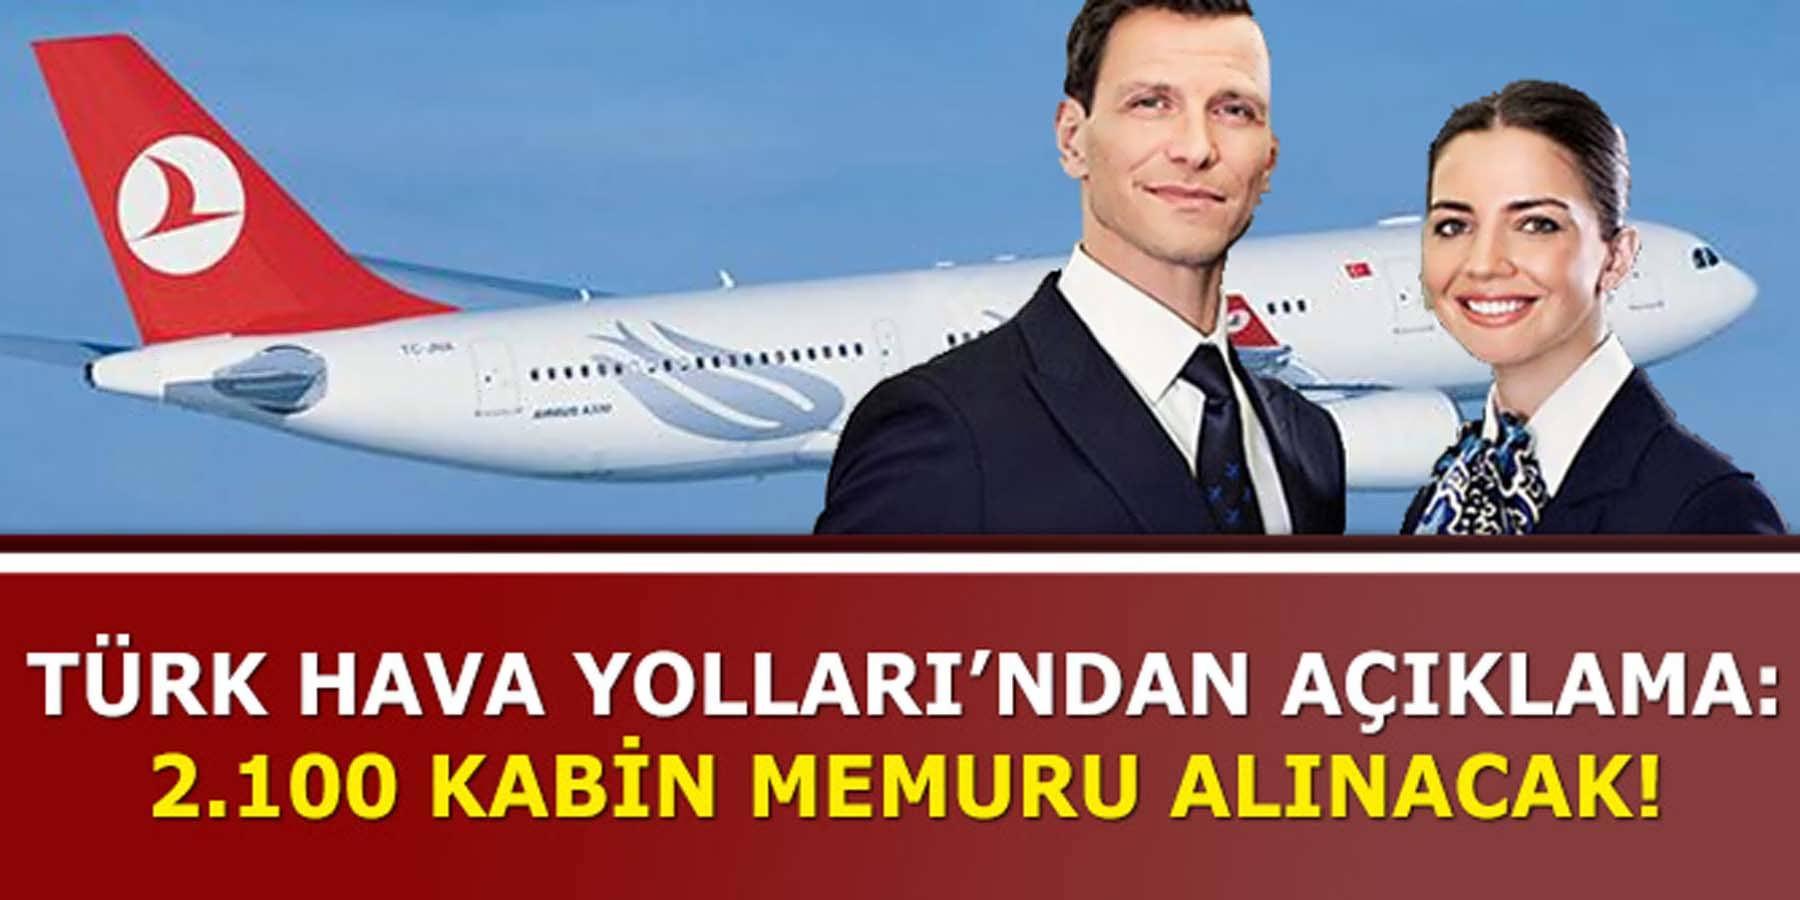 Türk Hava Yollarından Açıklama Geldi 2100 Kabin Memuru Alınacak